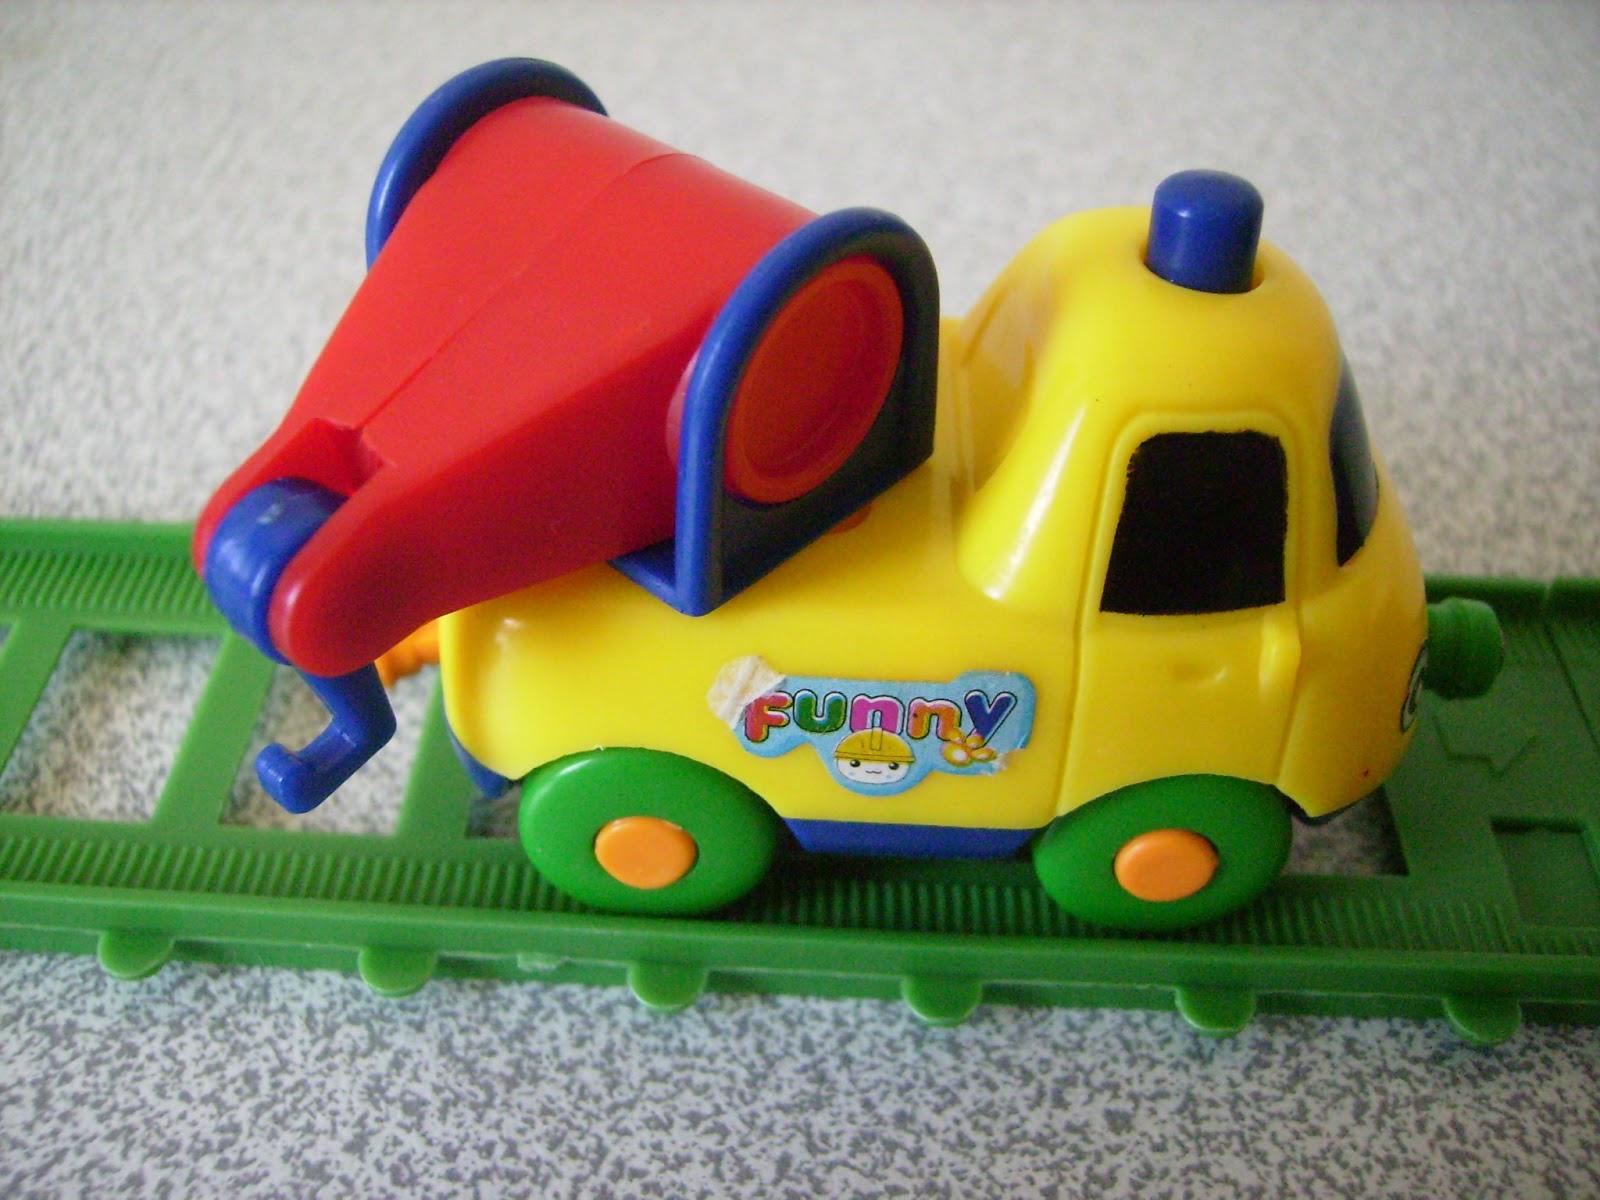 oyuncak trenler